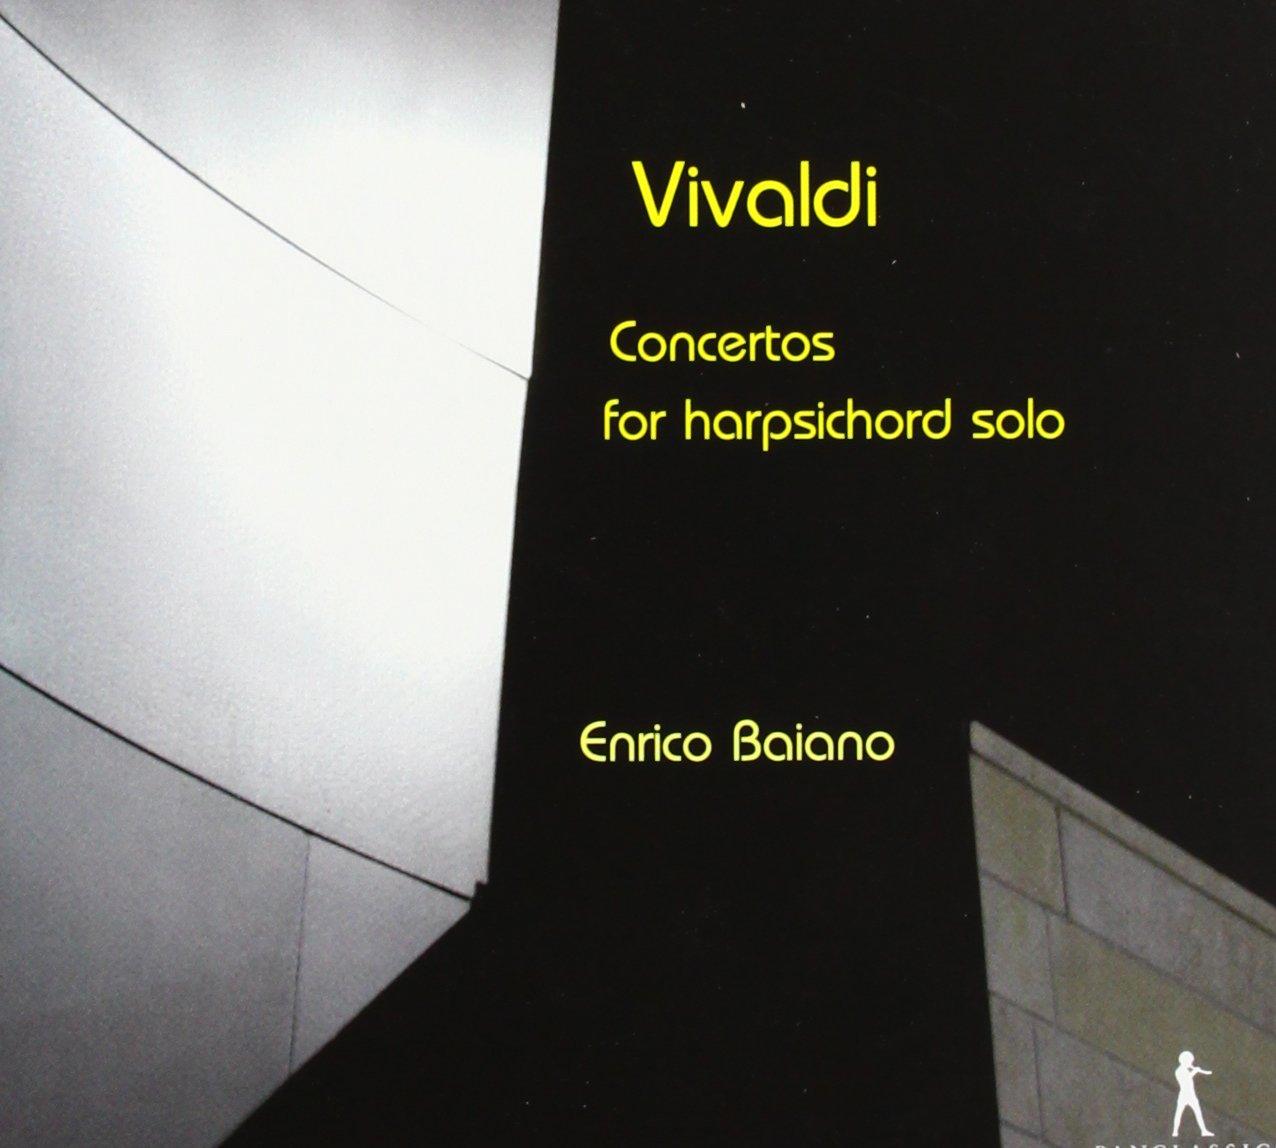 Vivaldi - Les 4 saisons (et autres concertos pour violon) - Page 10 610hgo12